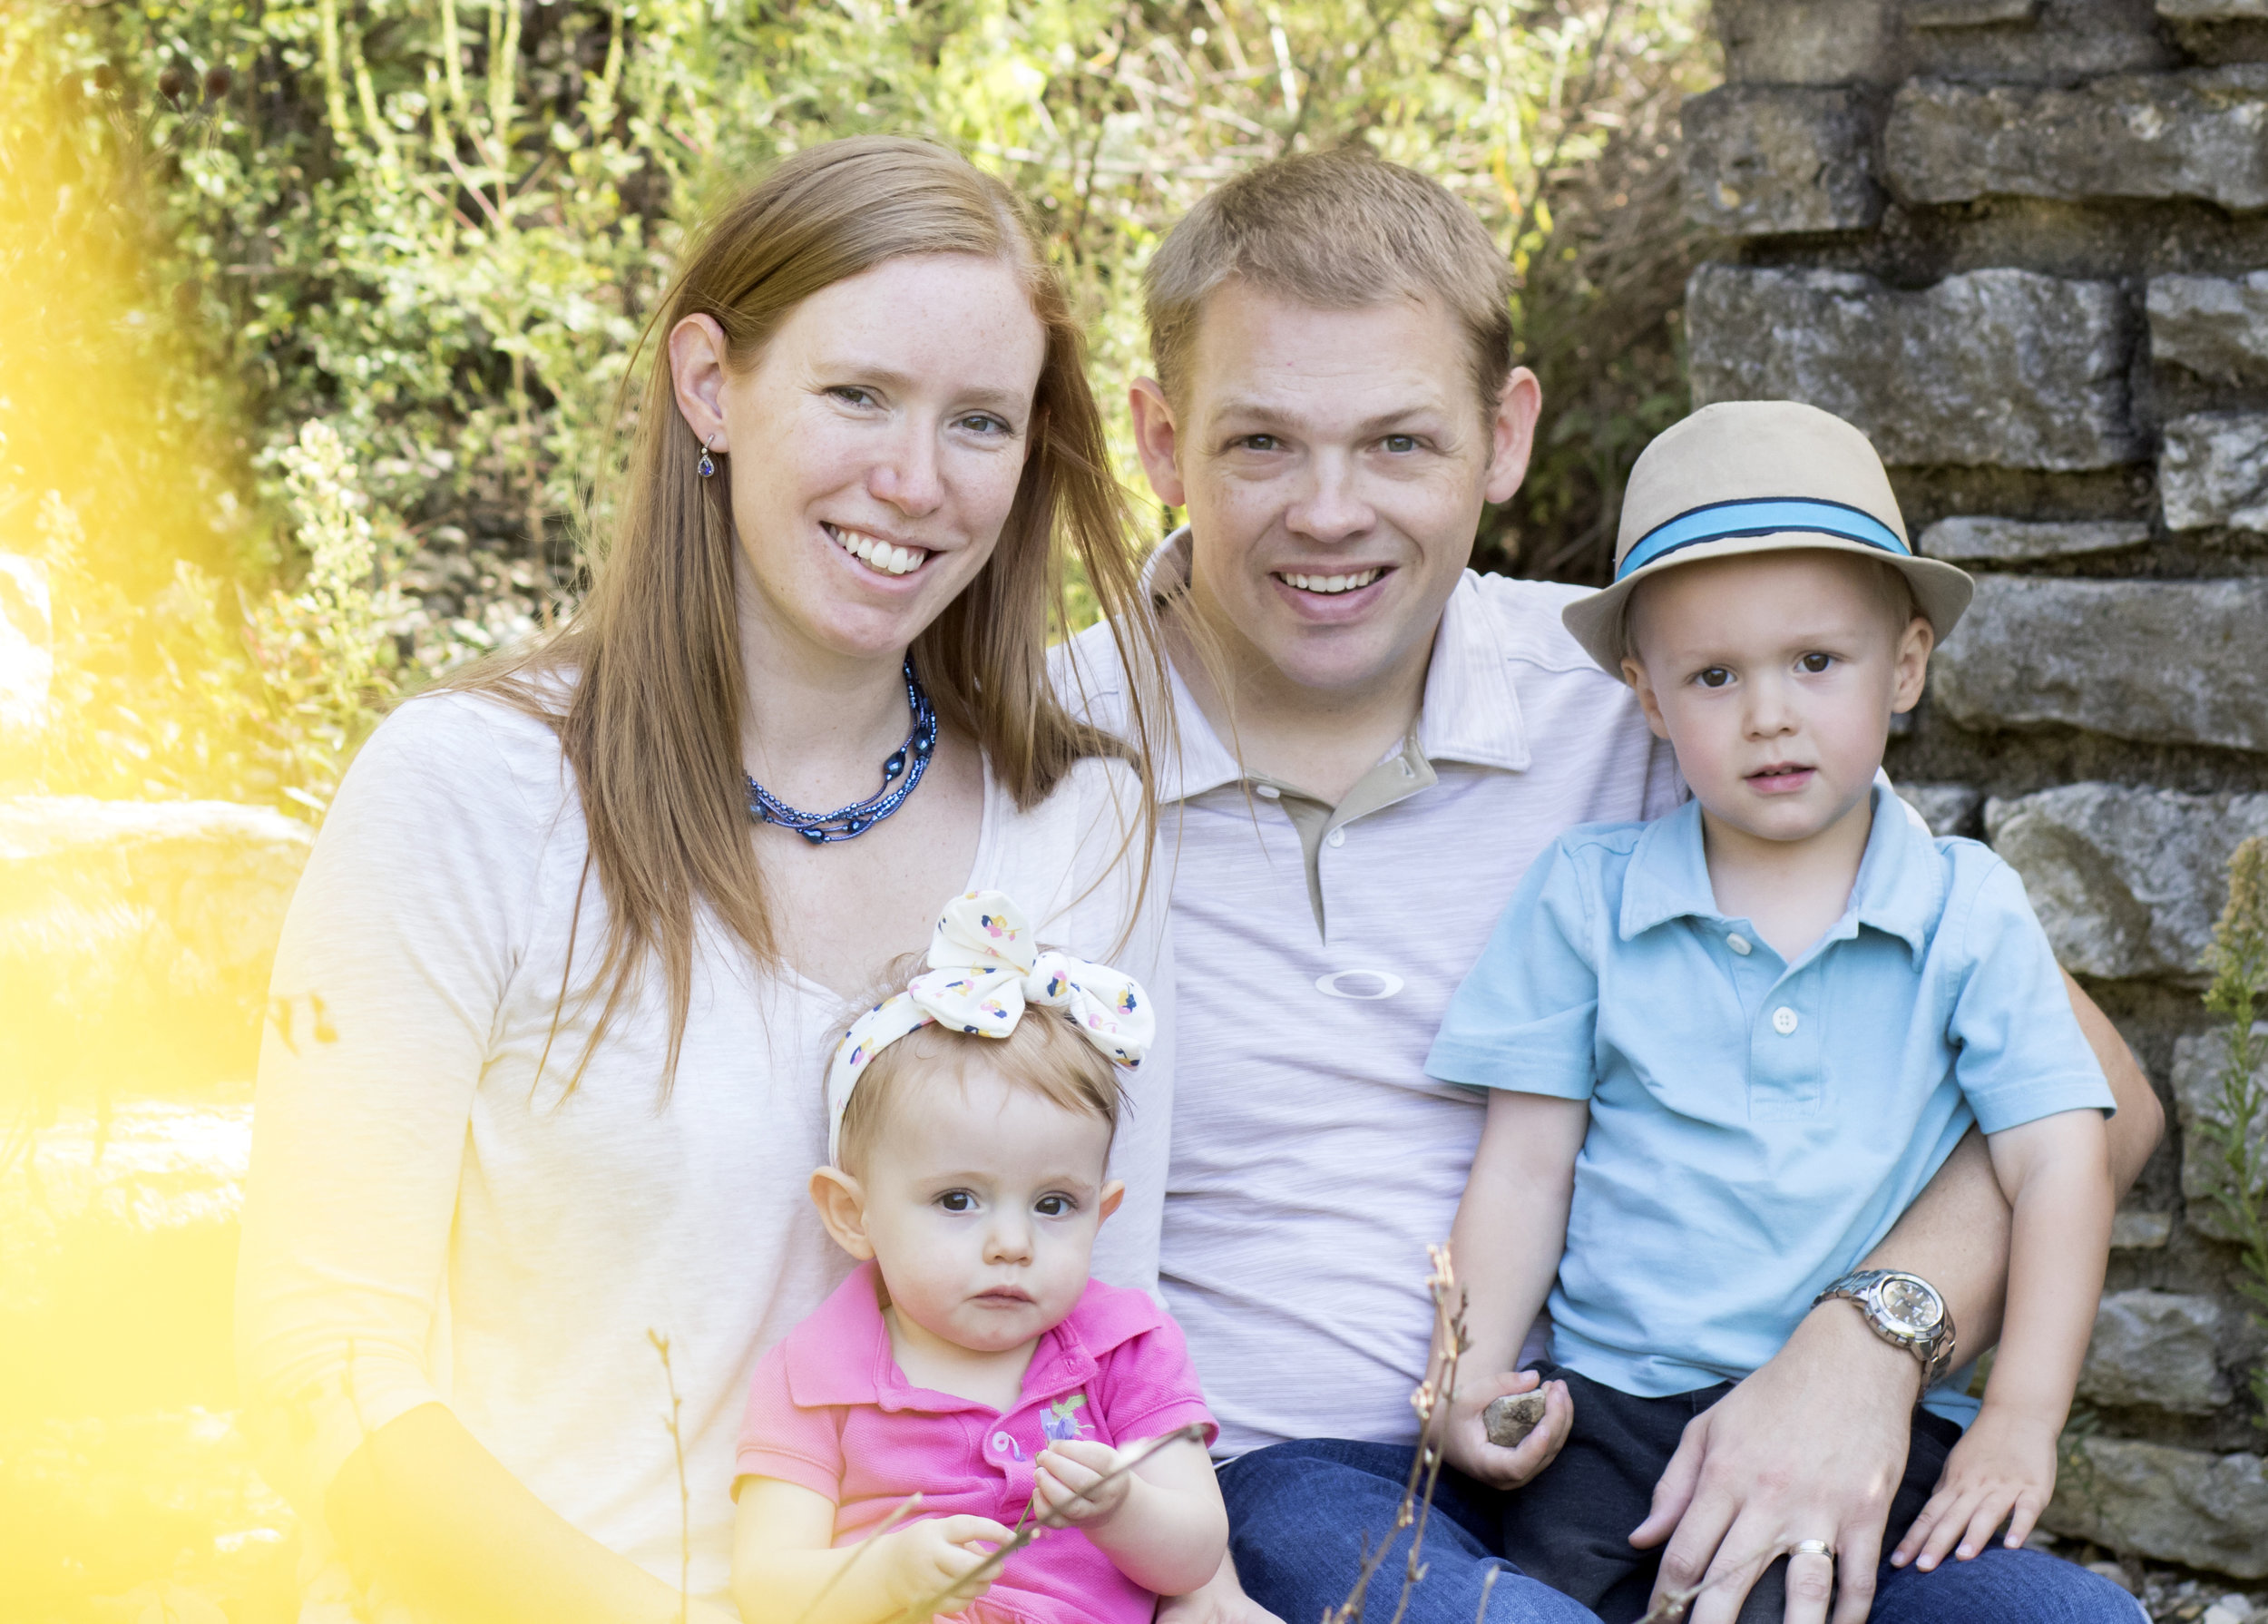 Schwegman Family